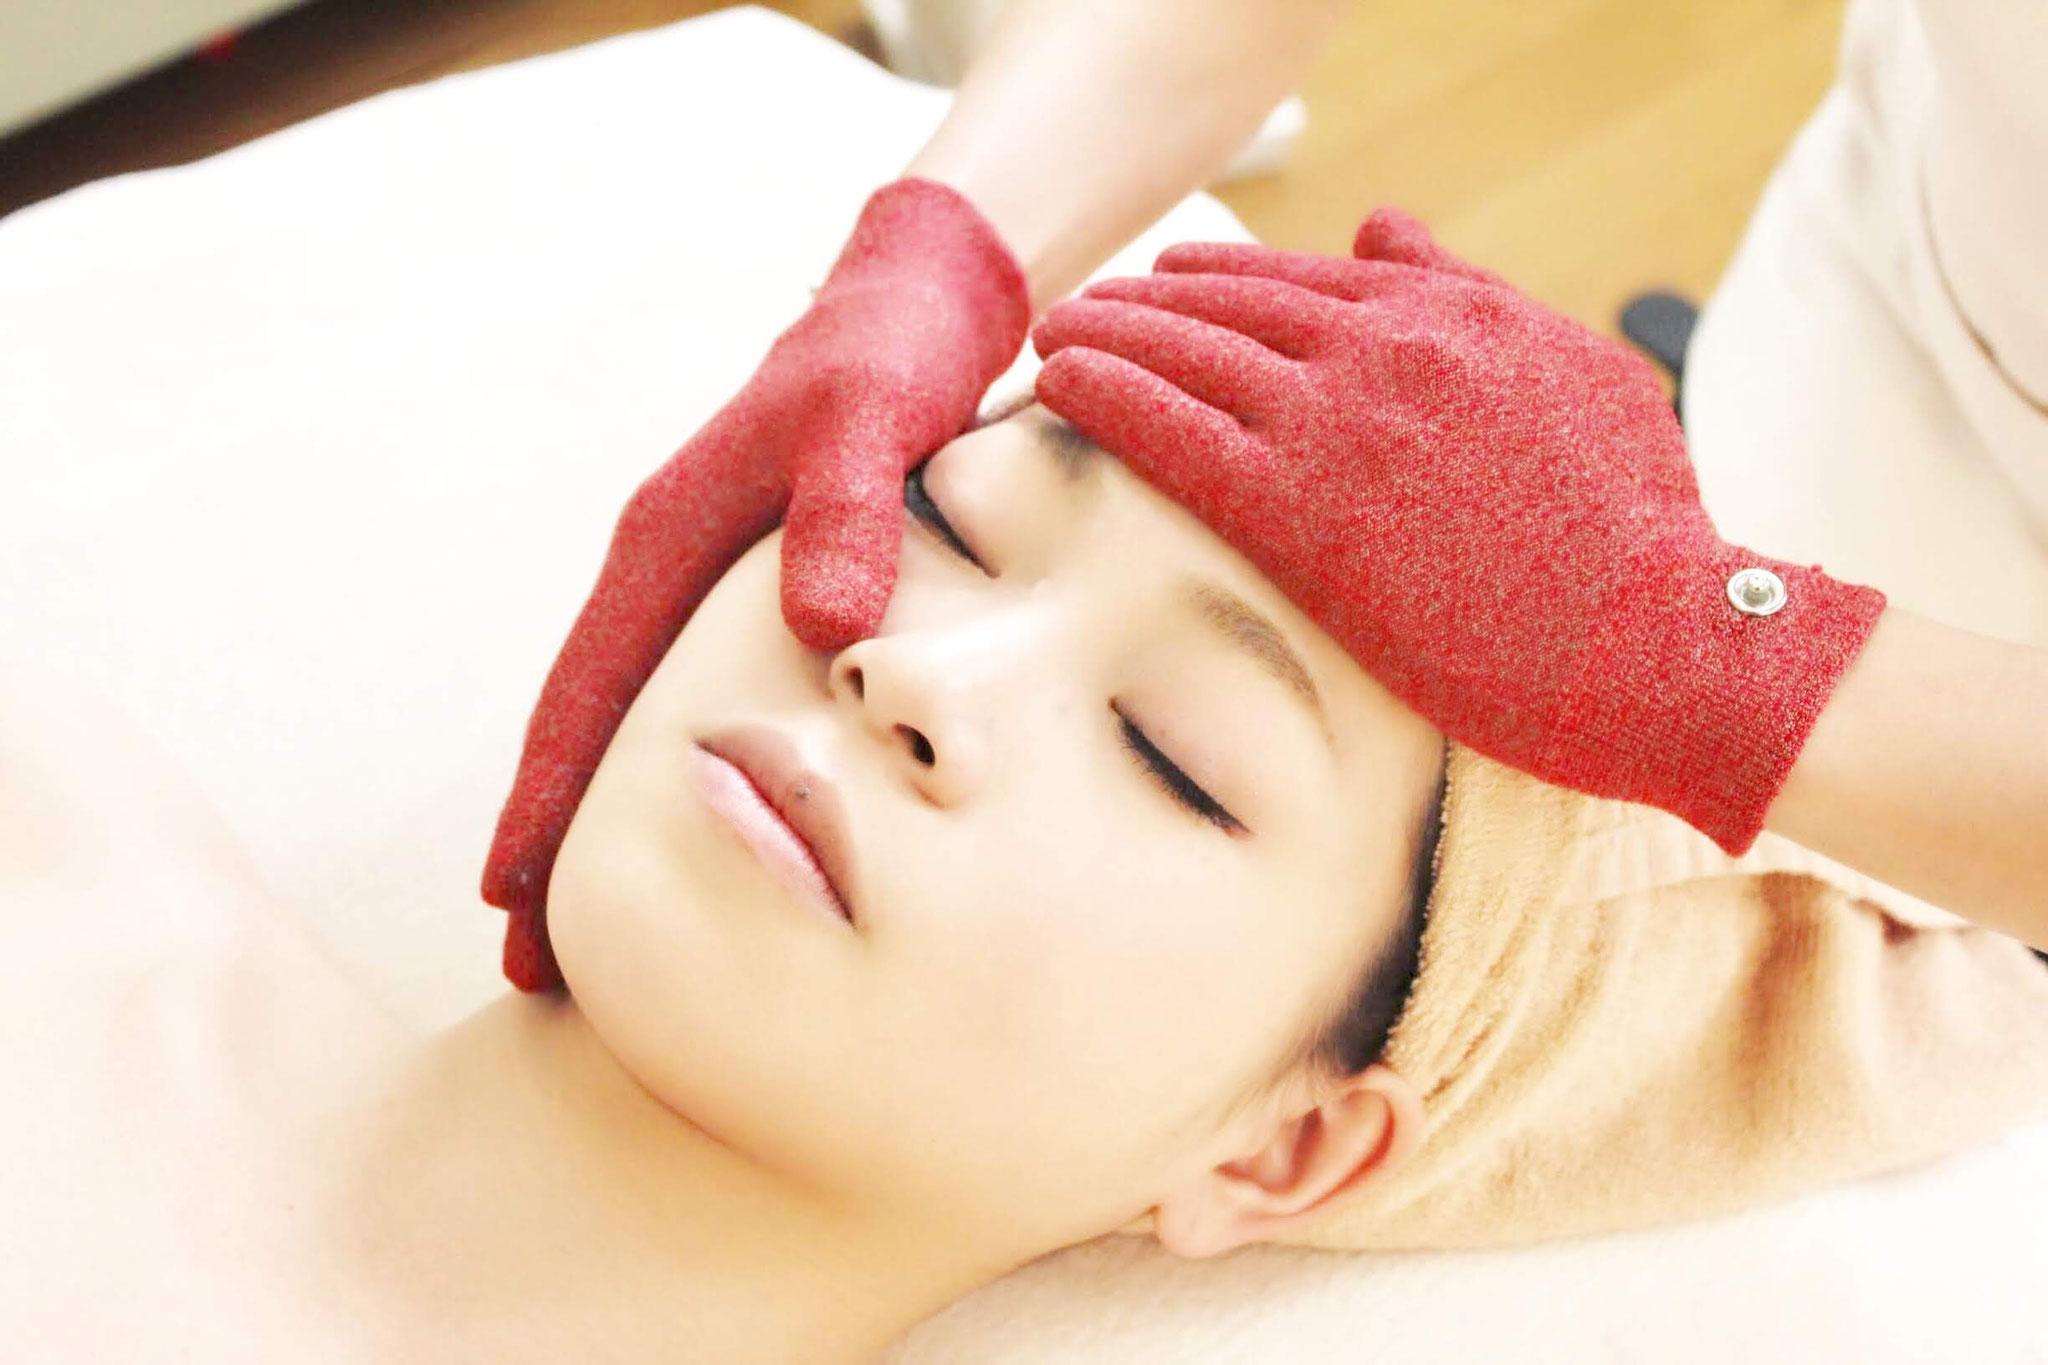 ナノカレントで肩、お顔、頭皮まで流れをよくします